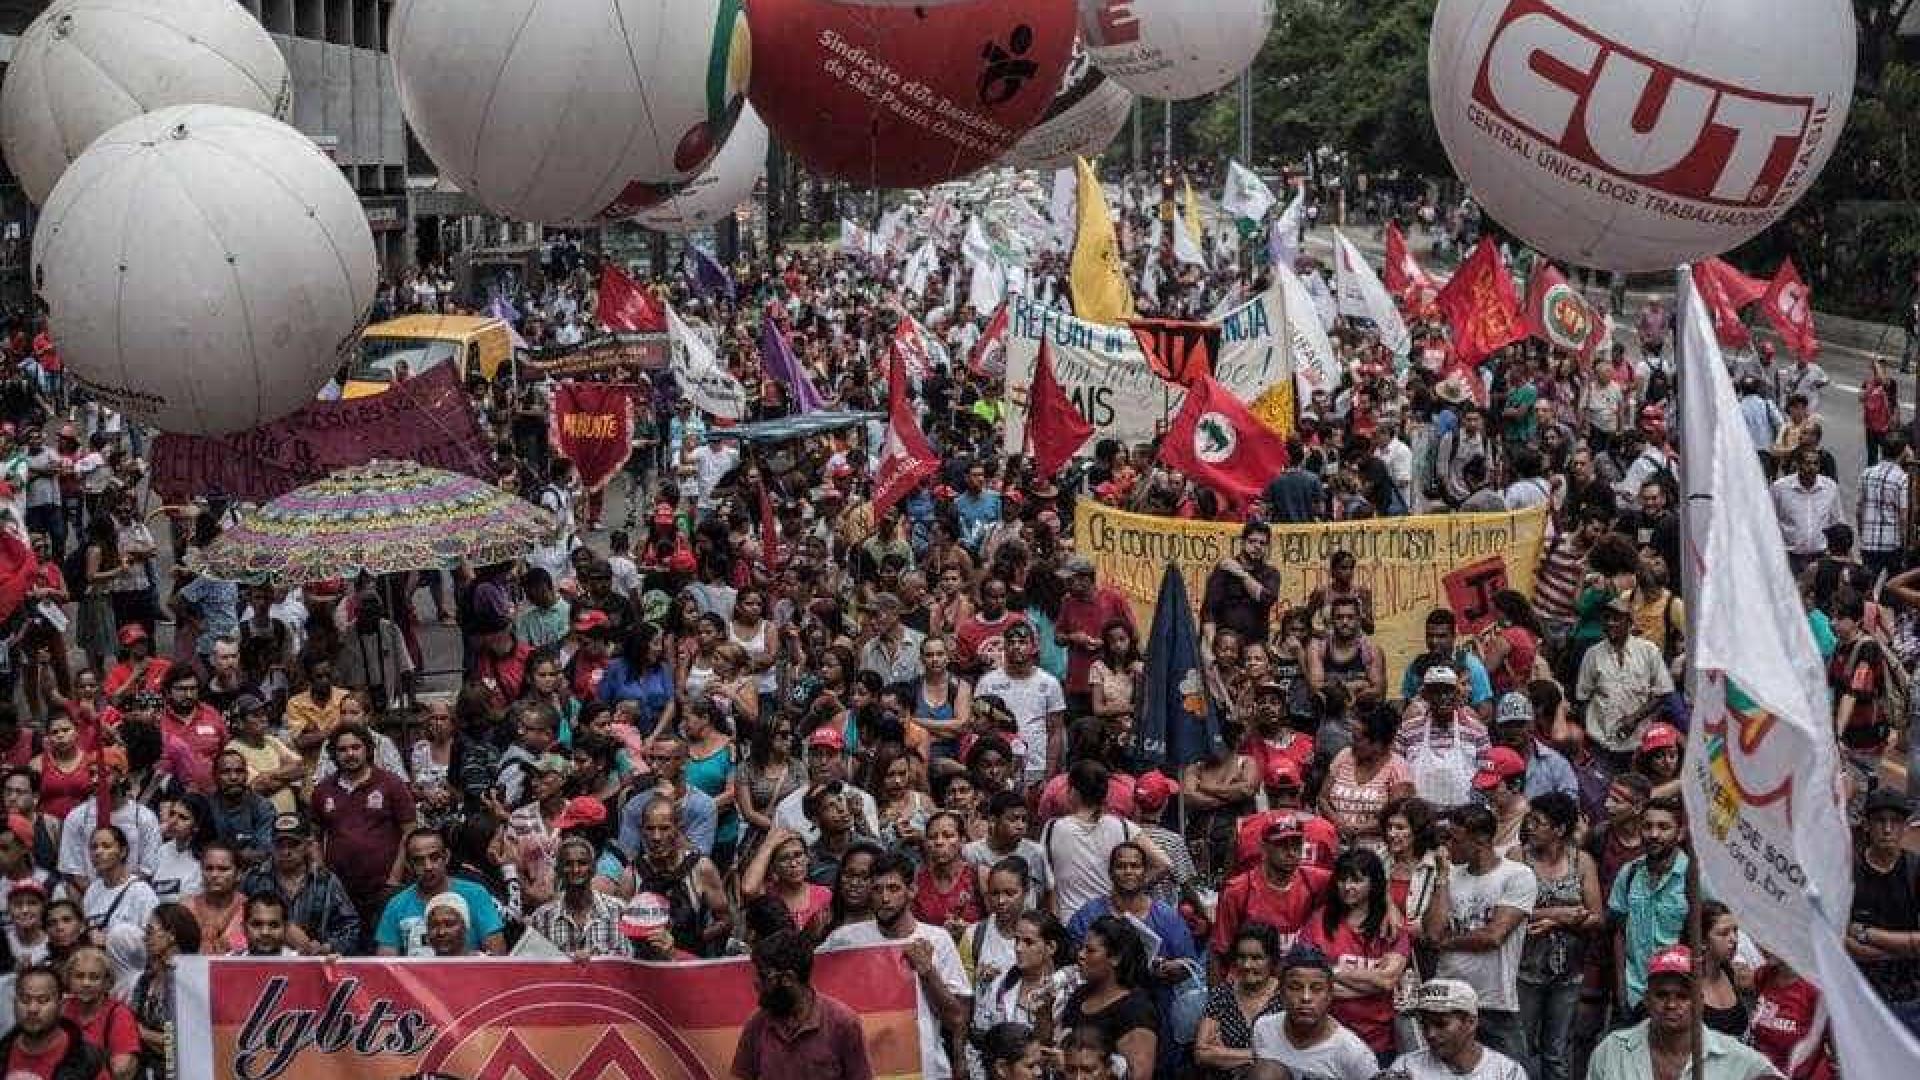 Trabalhadores rurais fazem greve de fome contra reforma da Previdência